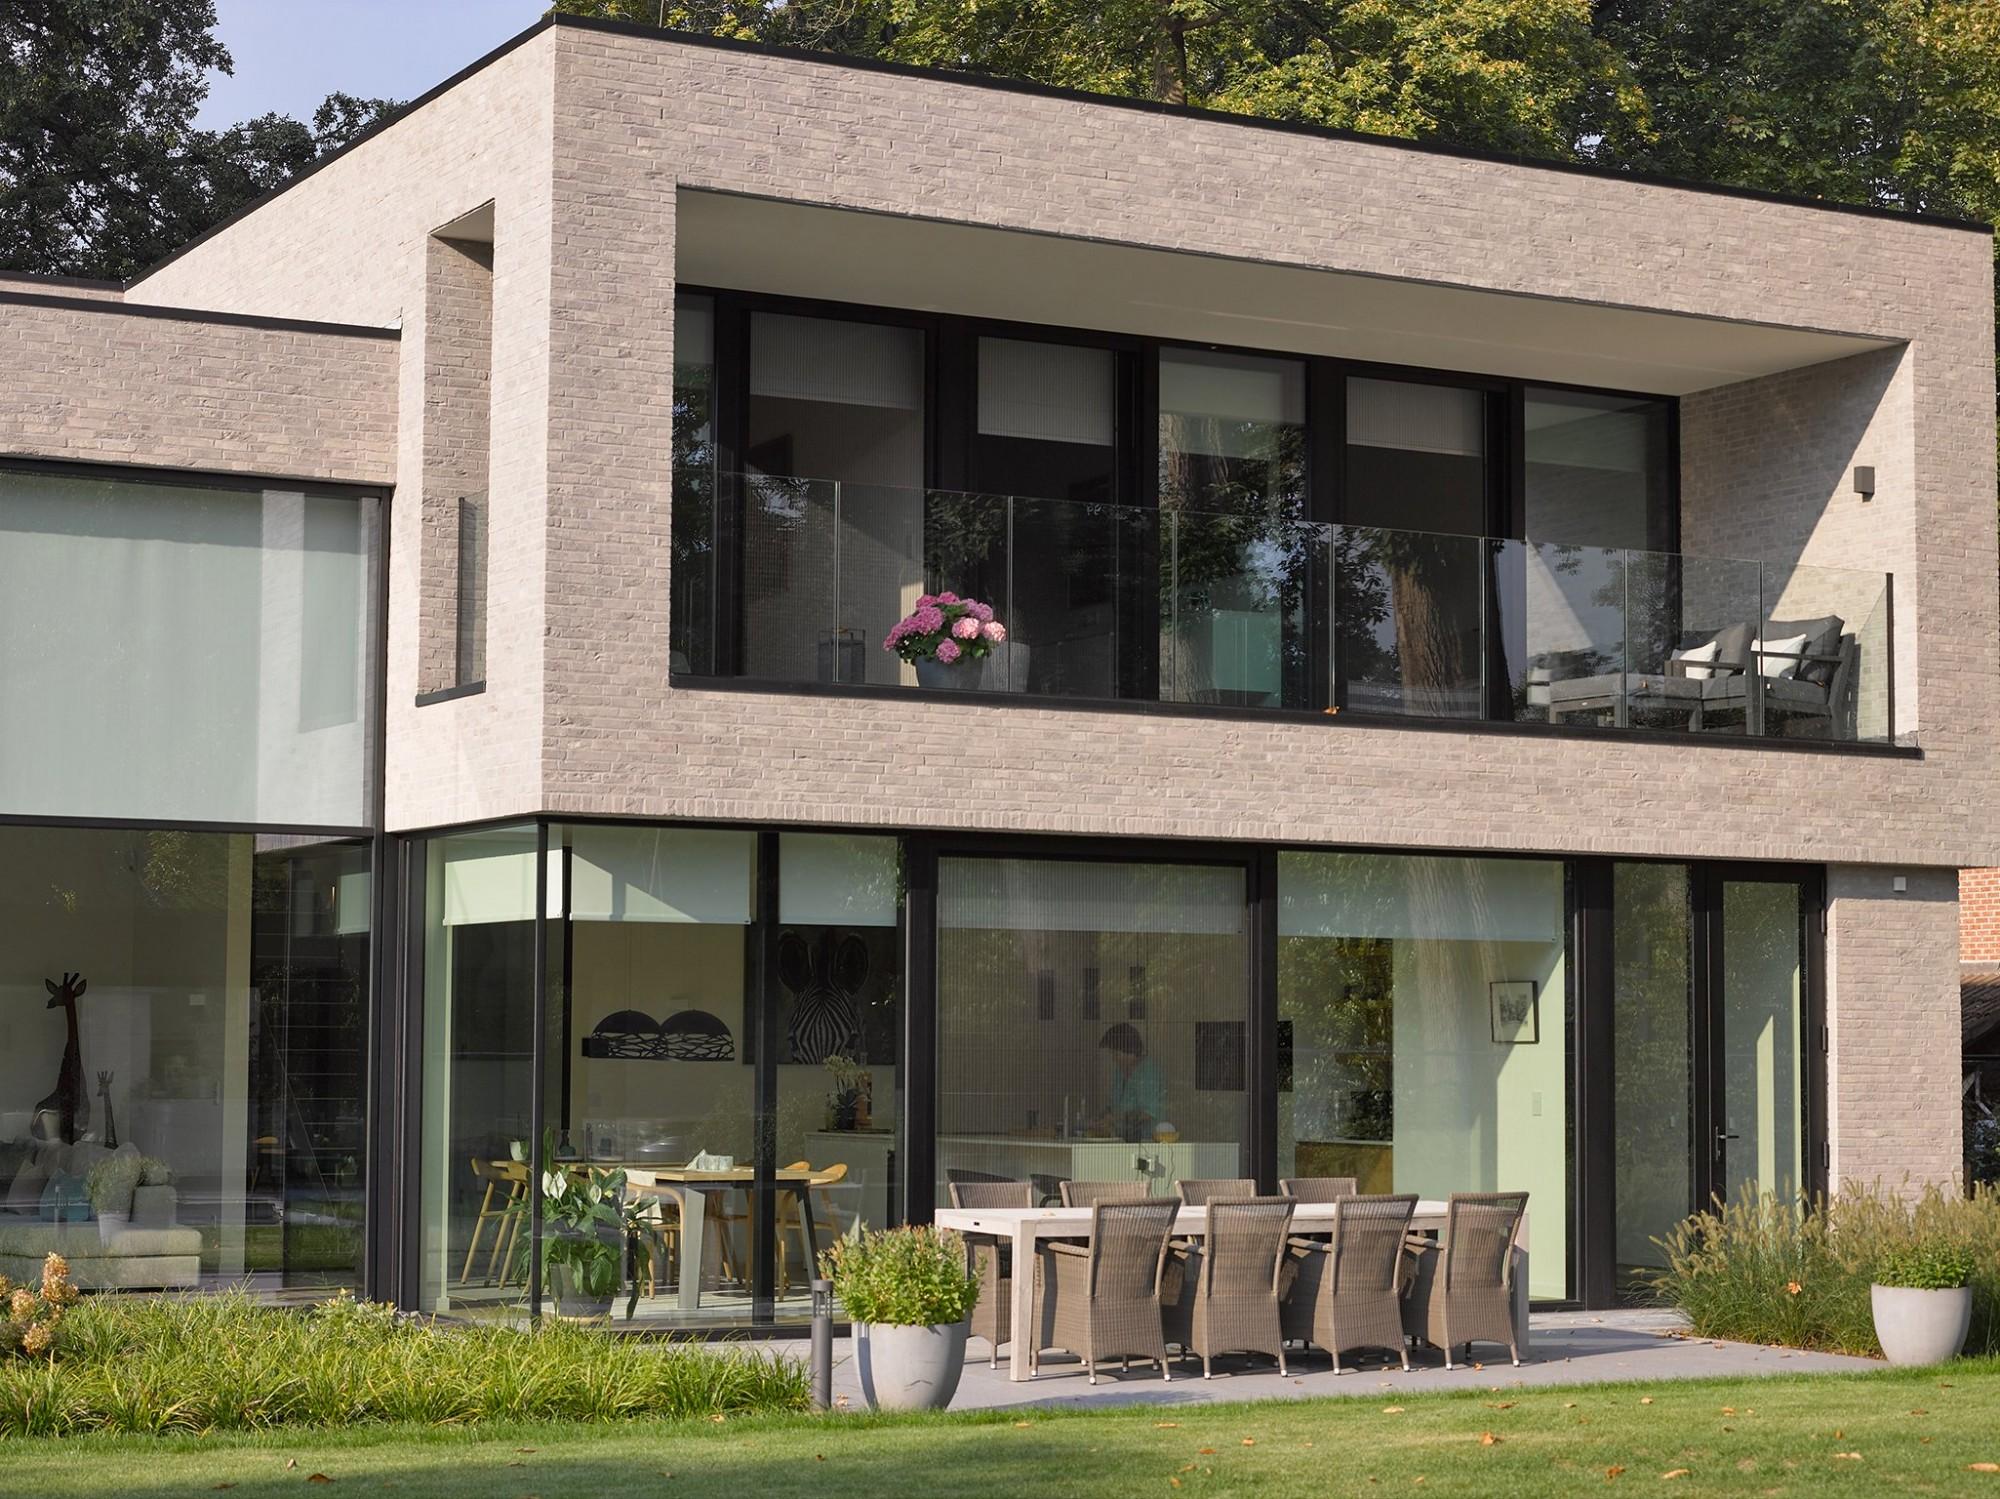 Afbeelding: Architectuur fotografie woningen modern voor mertens architecten, foto Van Huffel.